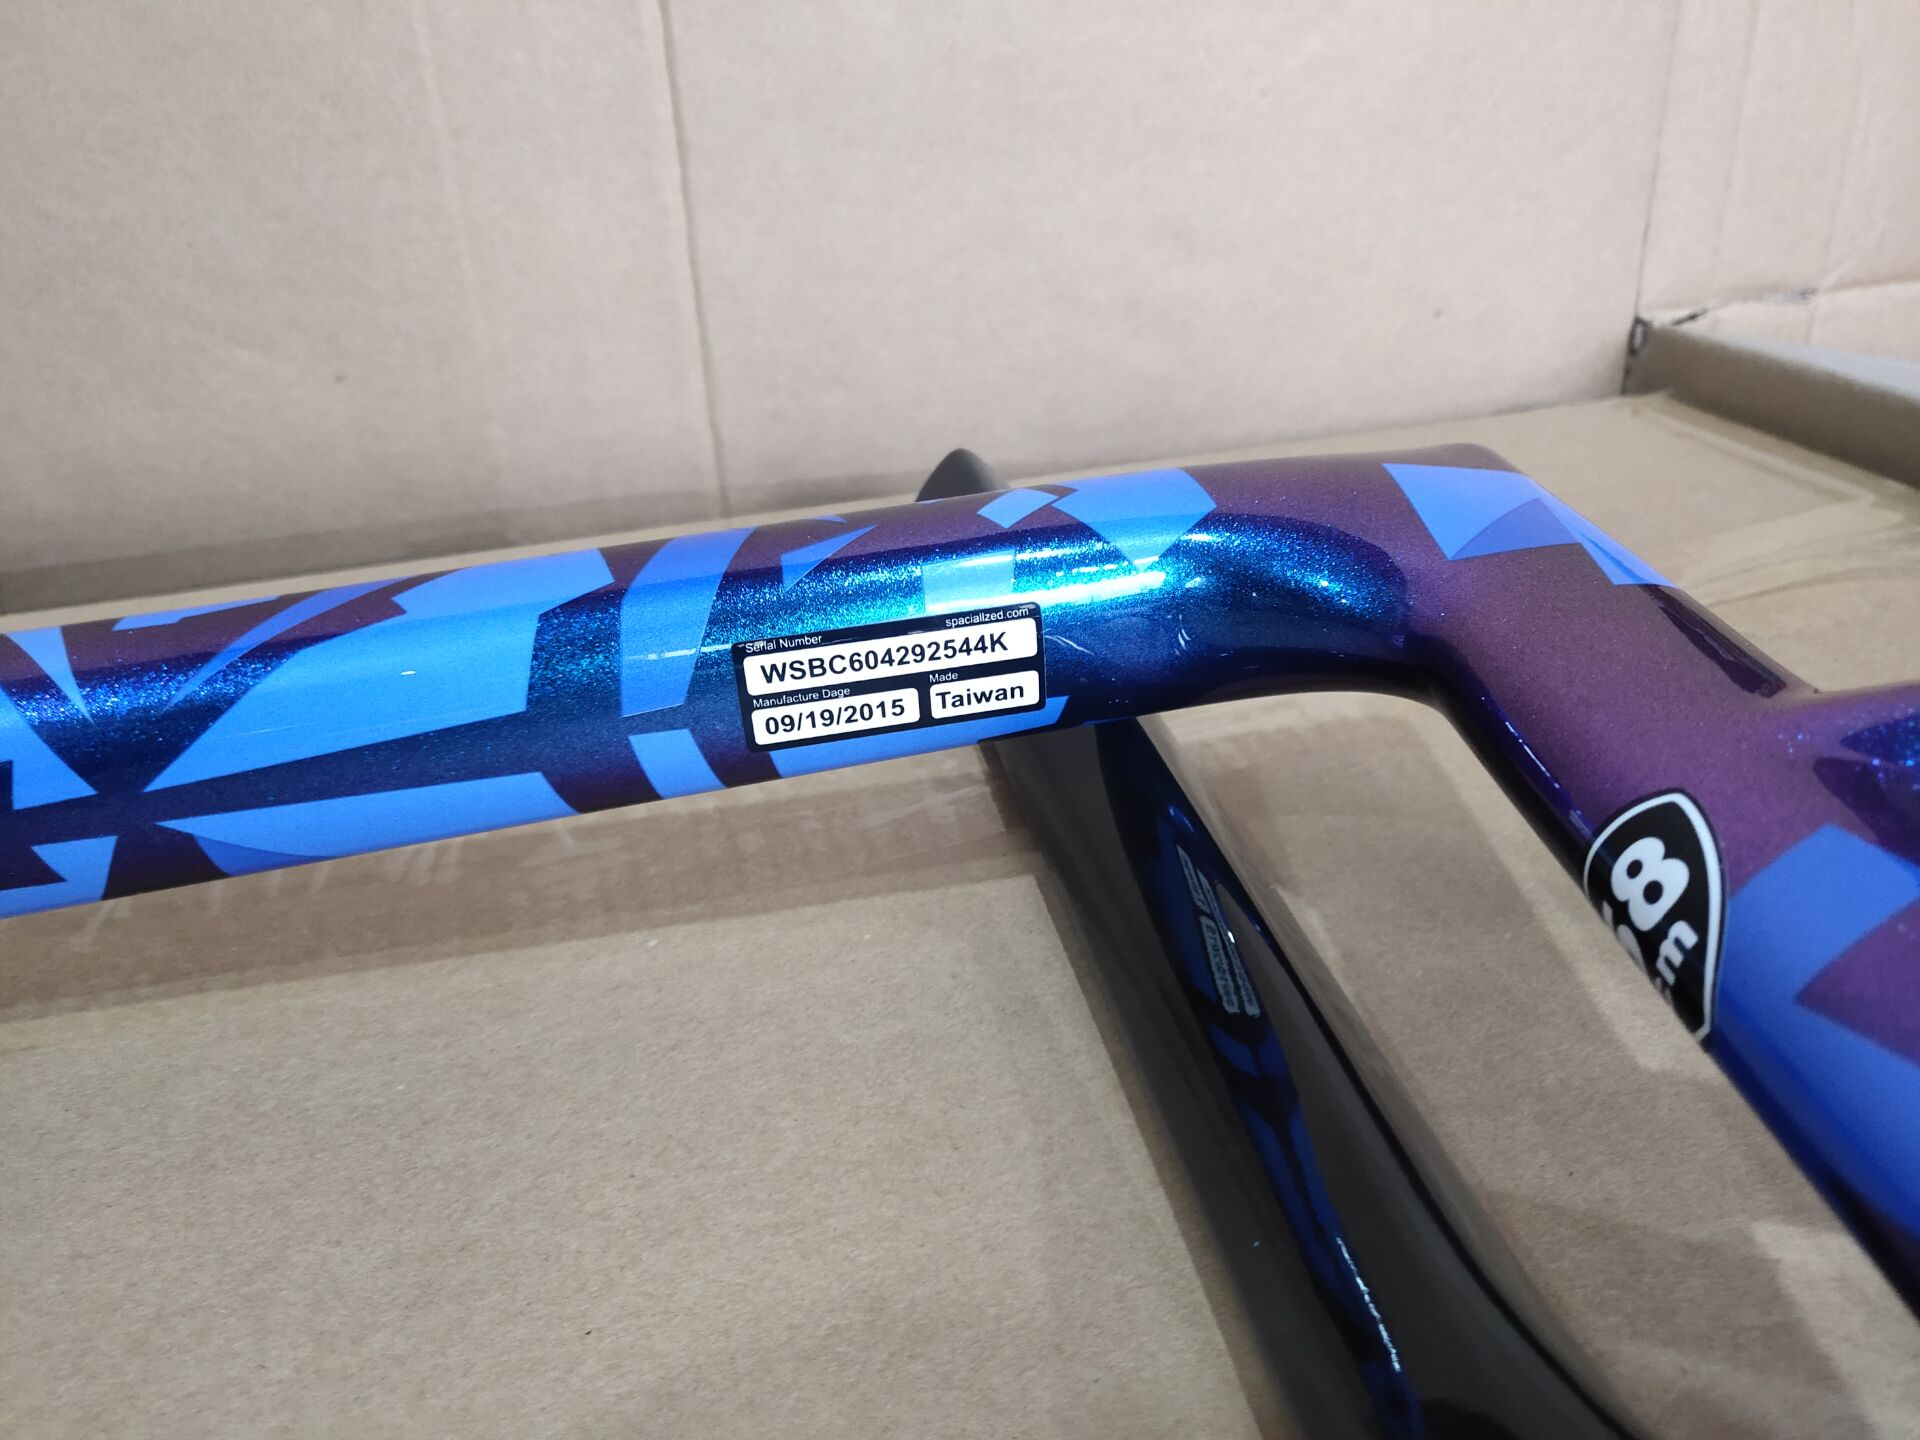 Карбоновая рама для дорожного велосипеда, Новый карбоновый каркас для дорожного велосипеда с дисковыми тормозами, синий цвет sagan 700C карбоно...